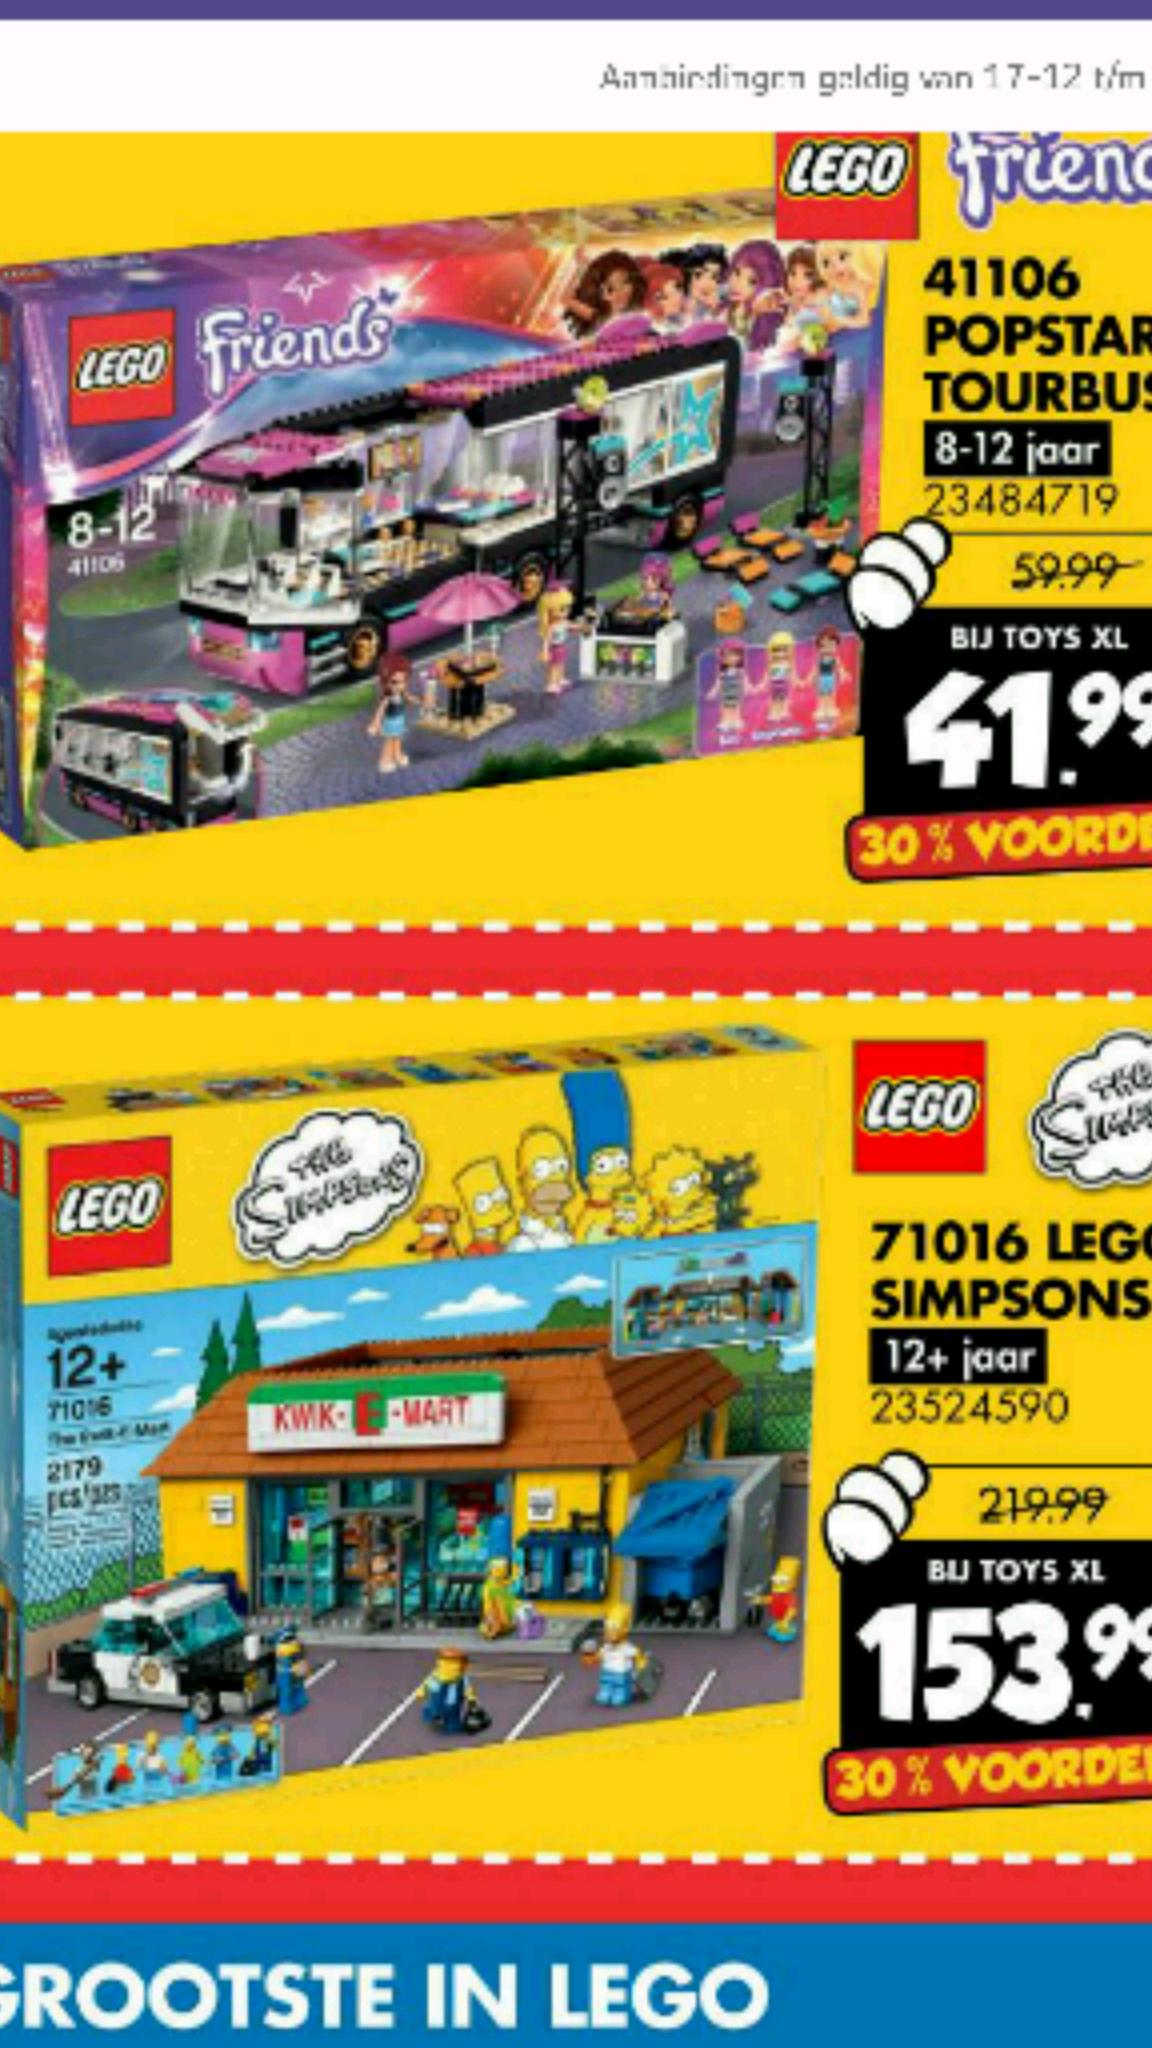 Lego Simpsons Kwik e Mart 17016 voor €153,99 @ ToysXL